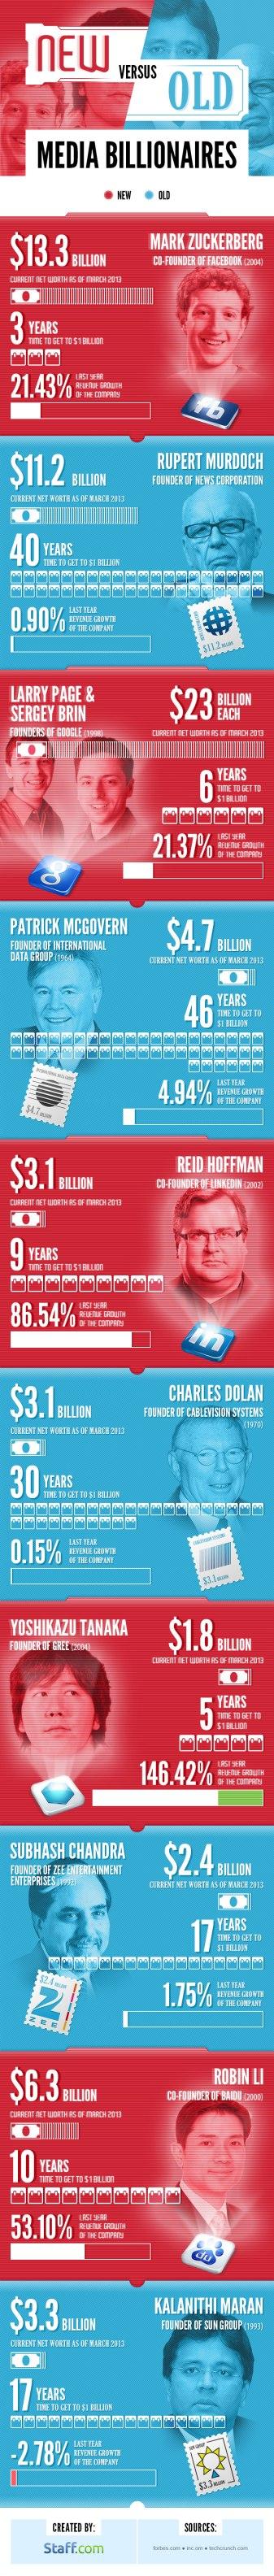 TD-Infograph_New-vs-Old-Billionaires